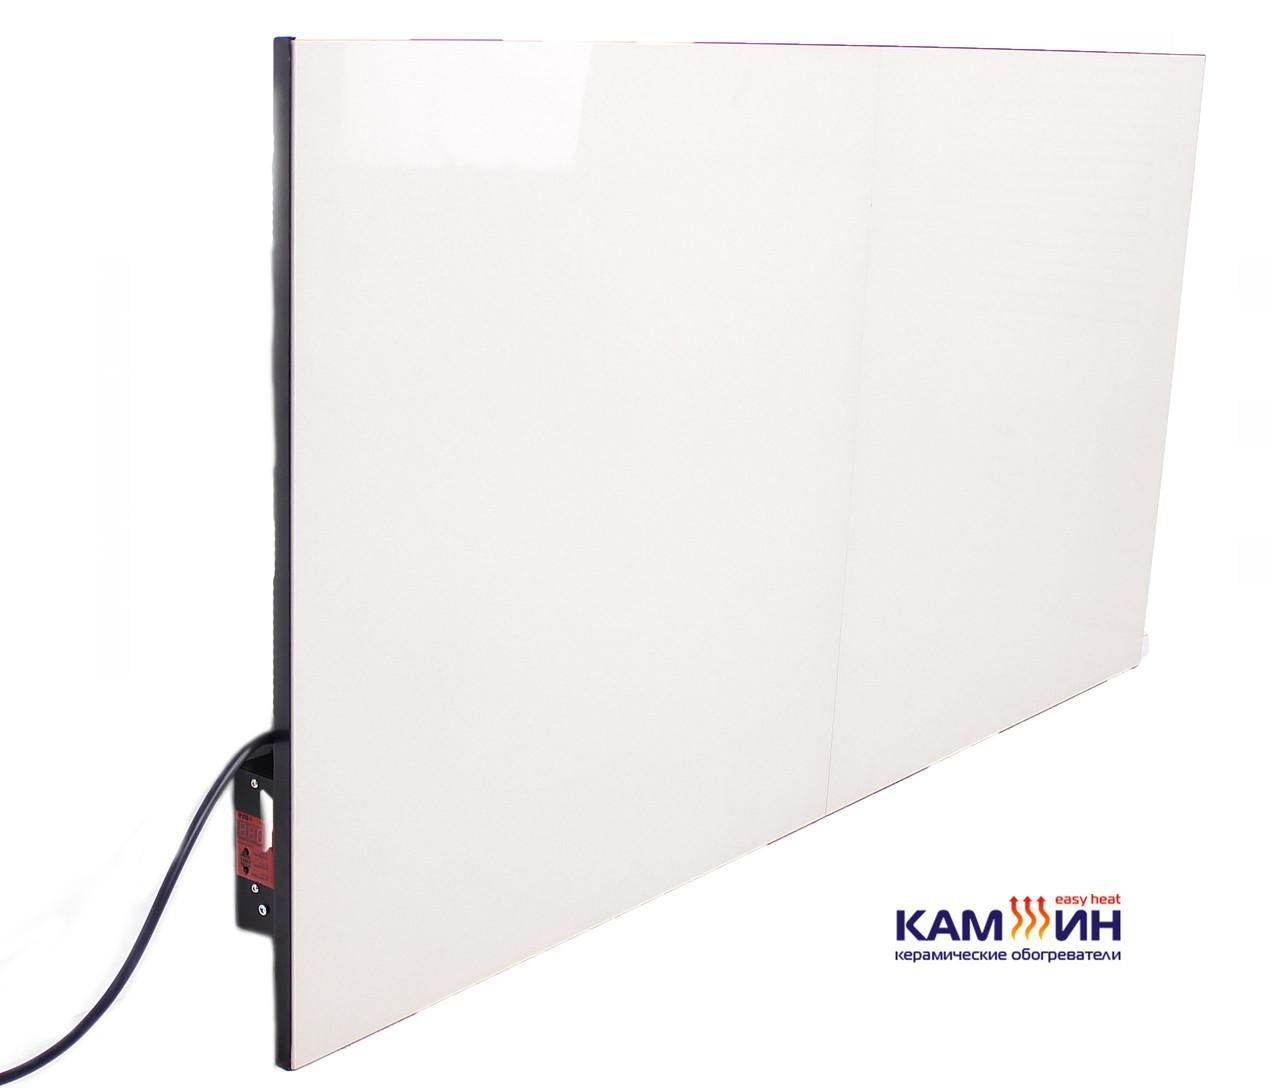 Керамический обогреватель с усиленной конвекцией с теморегулятором КАМ-ИН 700ET (700Вт 14м2)